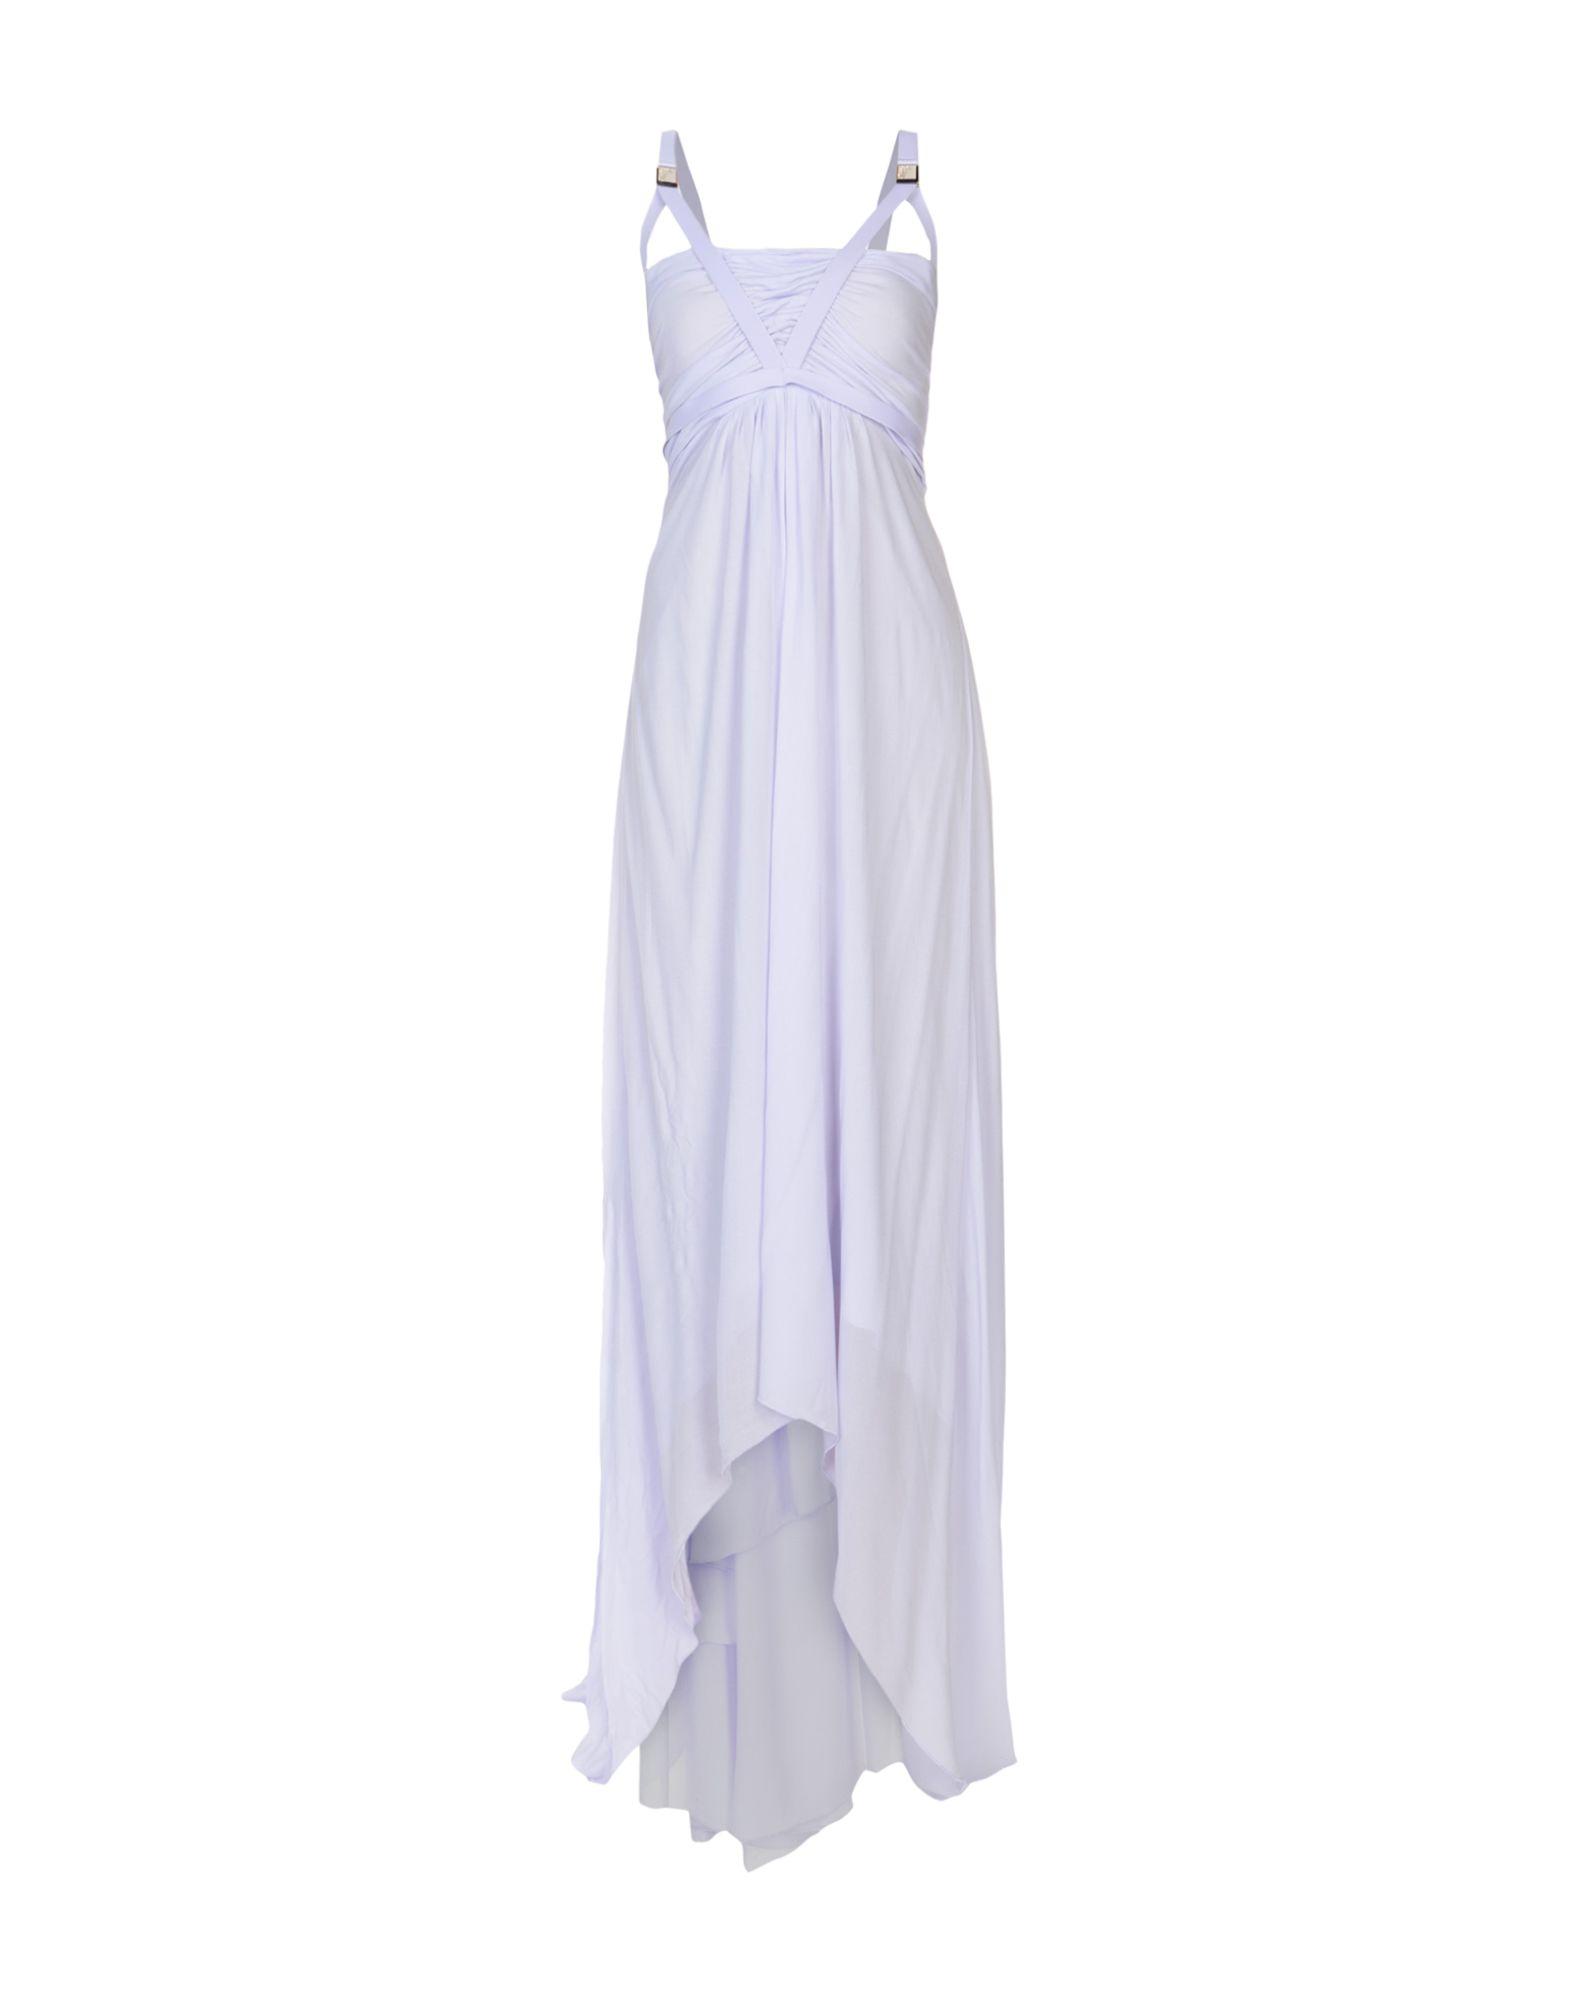 VERSACE COLLECTION Длинное платье купить больное платье в стиле 18 19 века наташа ростова